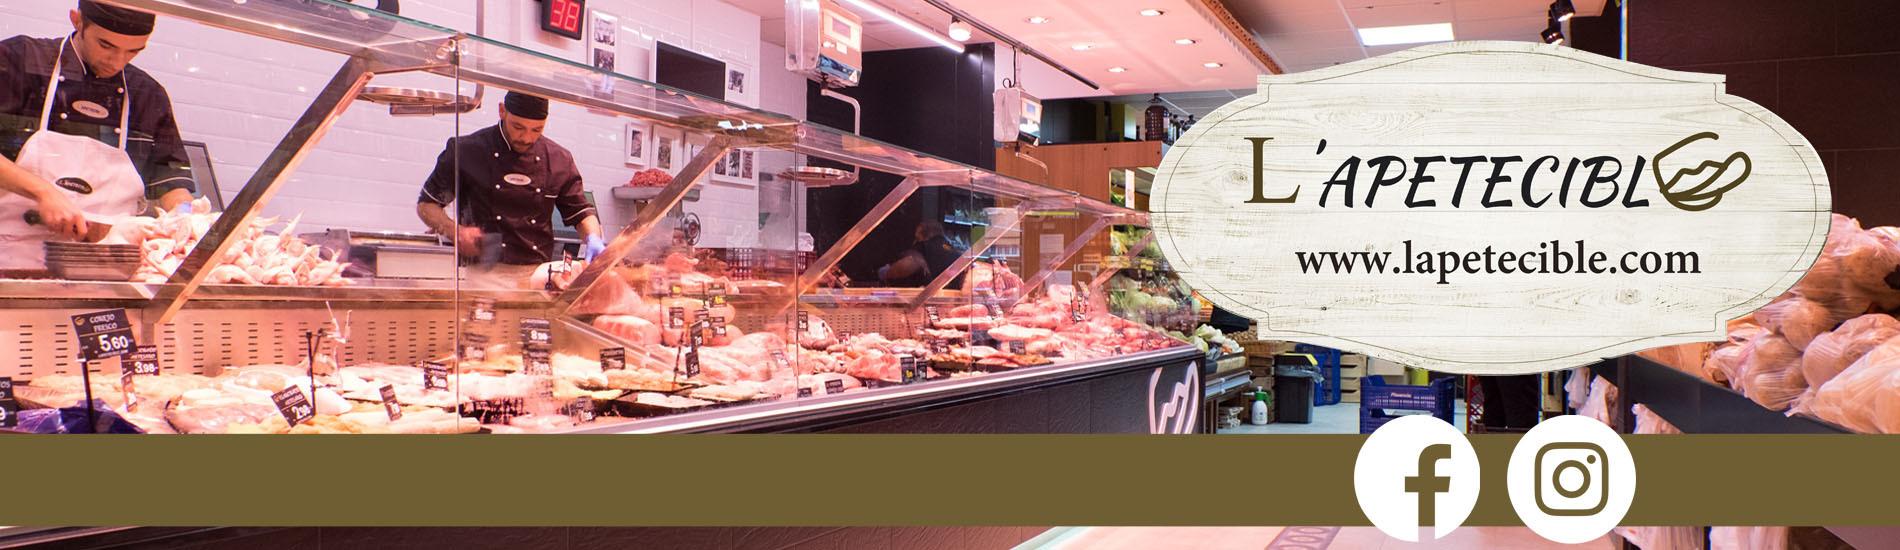 LApetecible tu carnicería, pollería, pescadería, charcutería y tienda de productos gourmet, online.